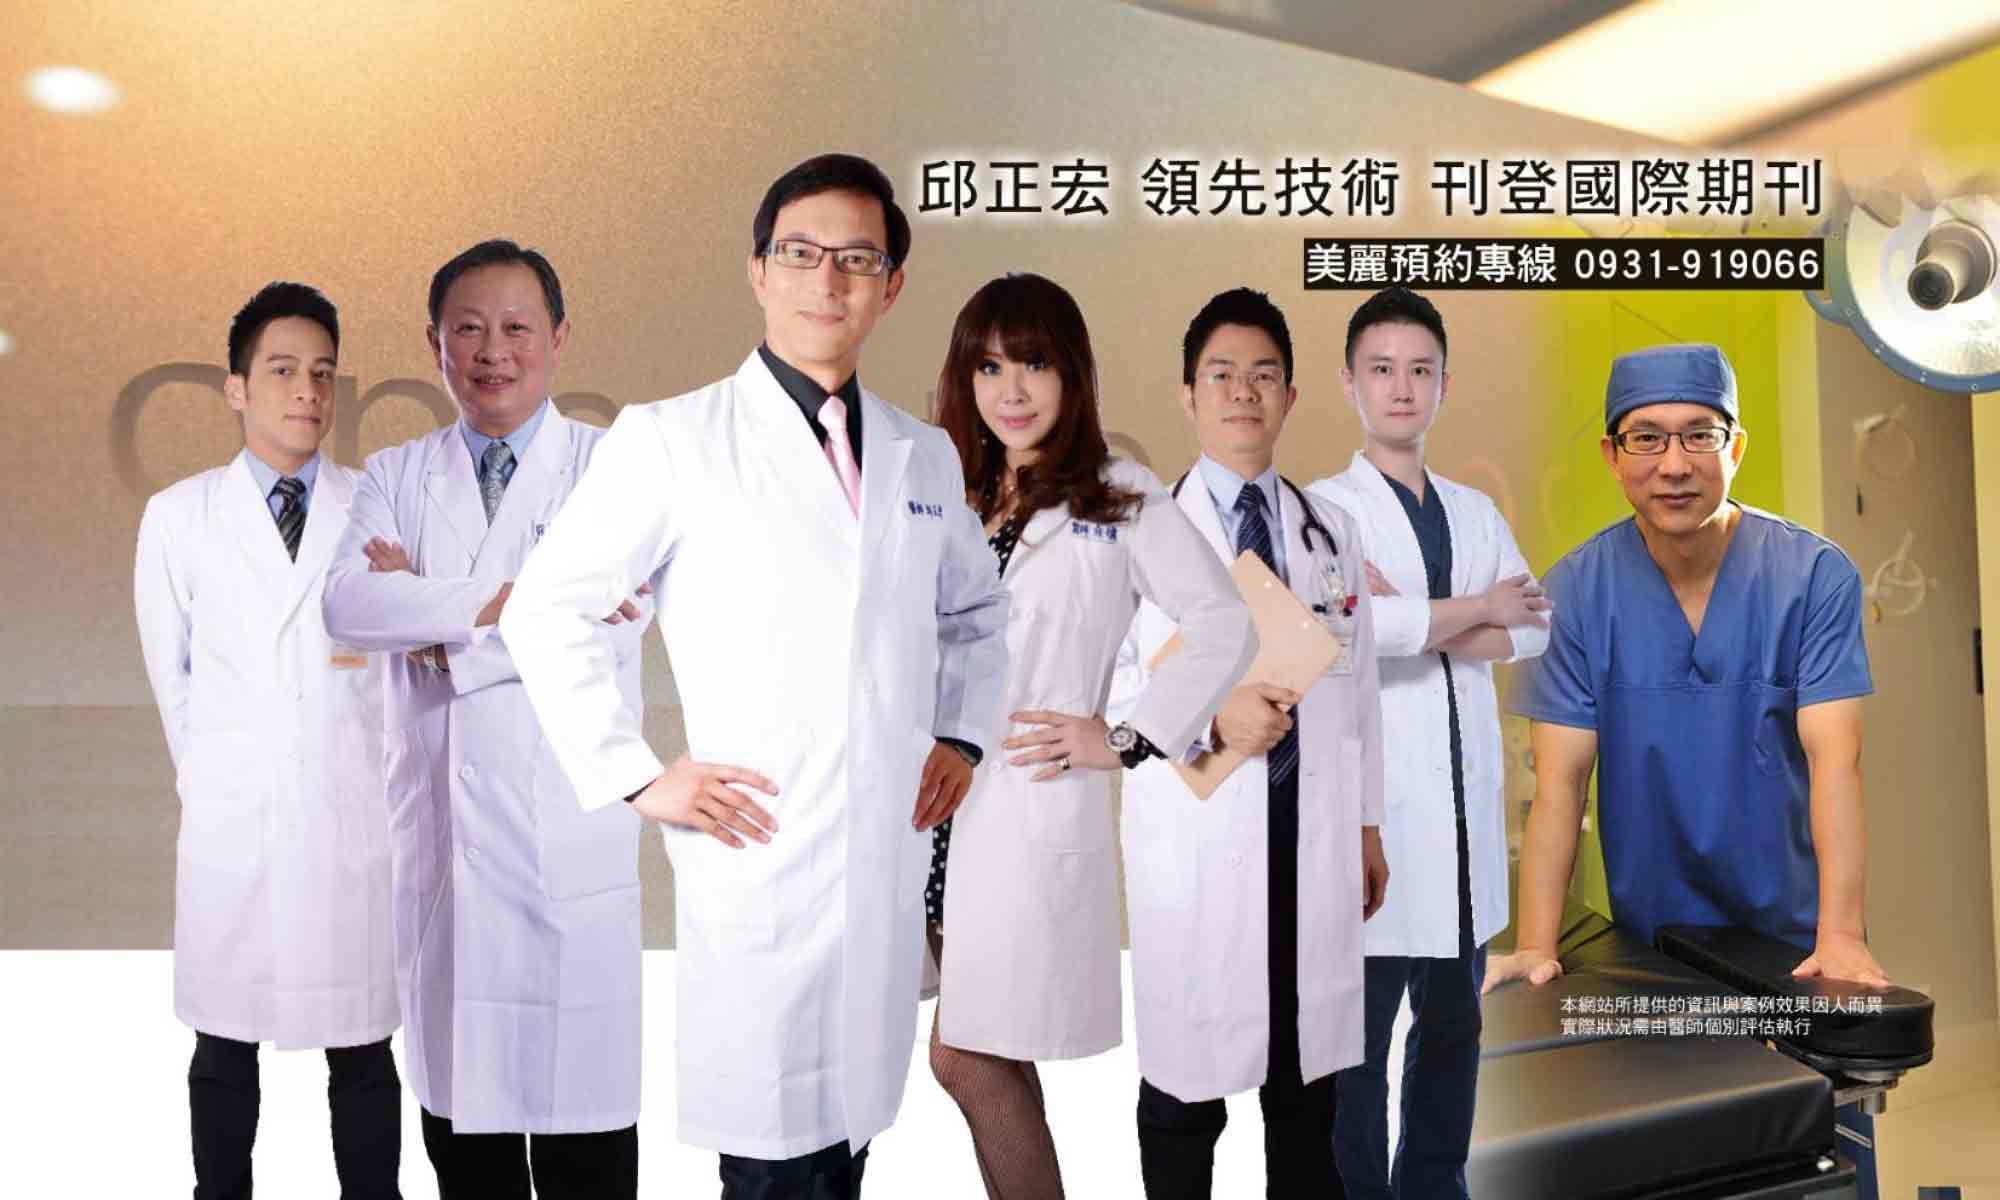 瘦小腹專家邱正宏醫師醫學論文連續六年刊登國際期刊